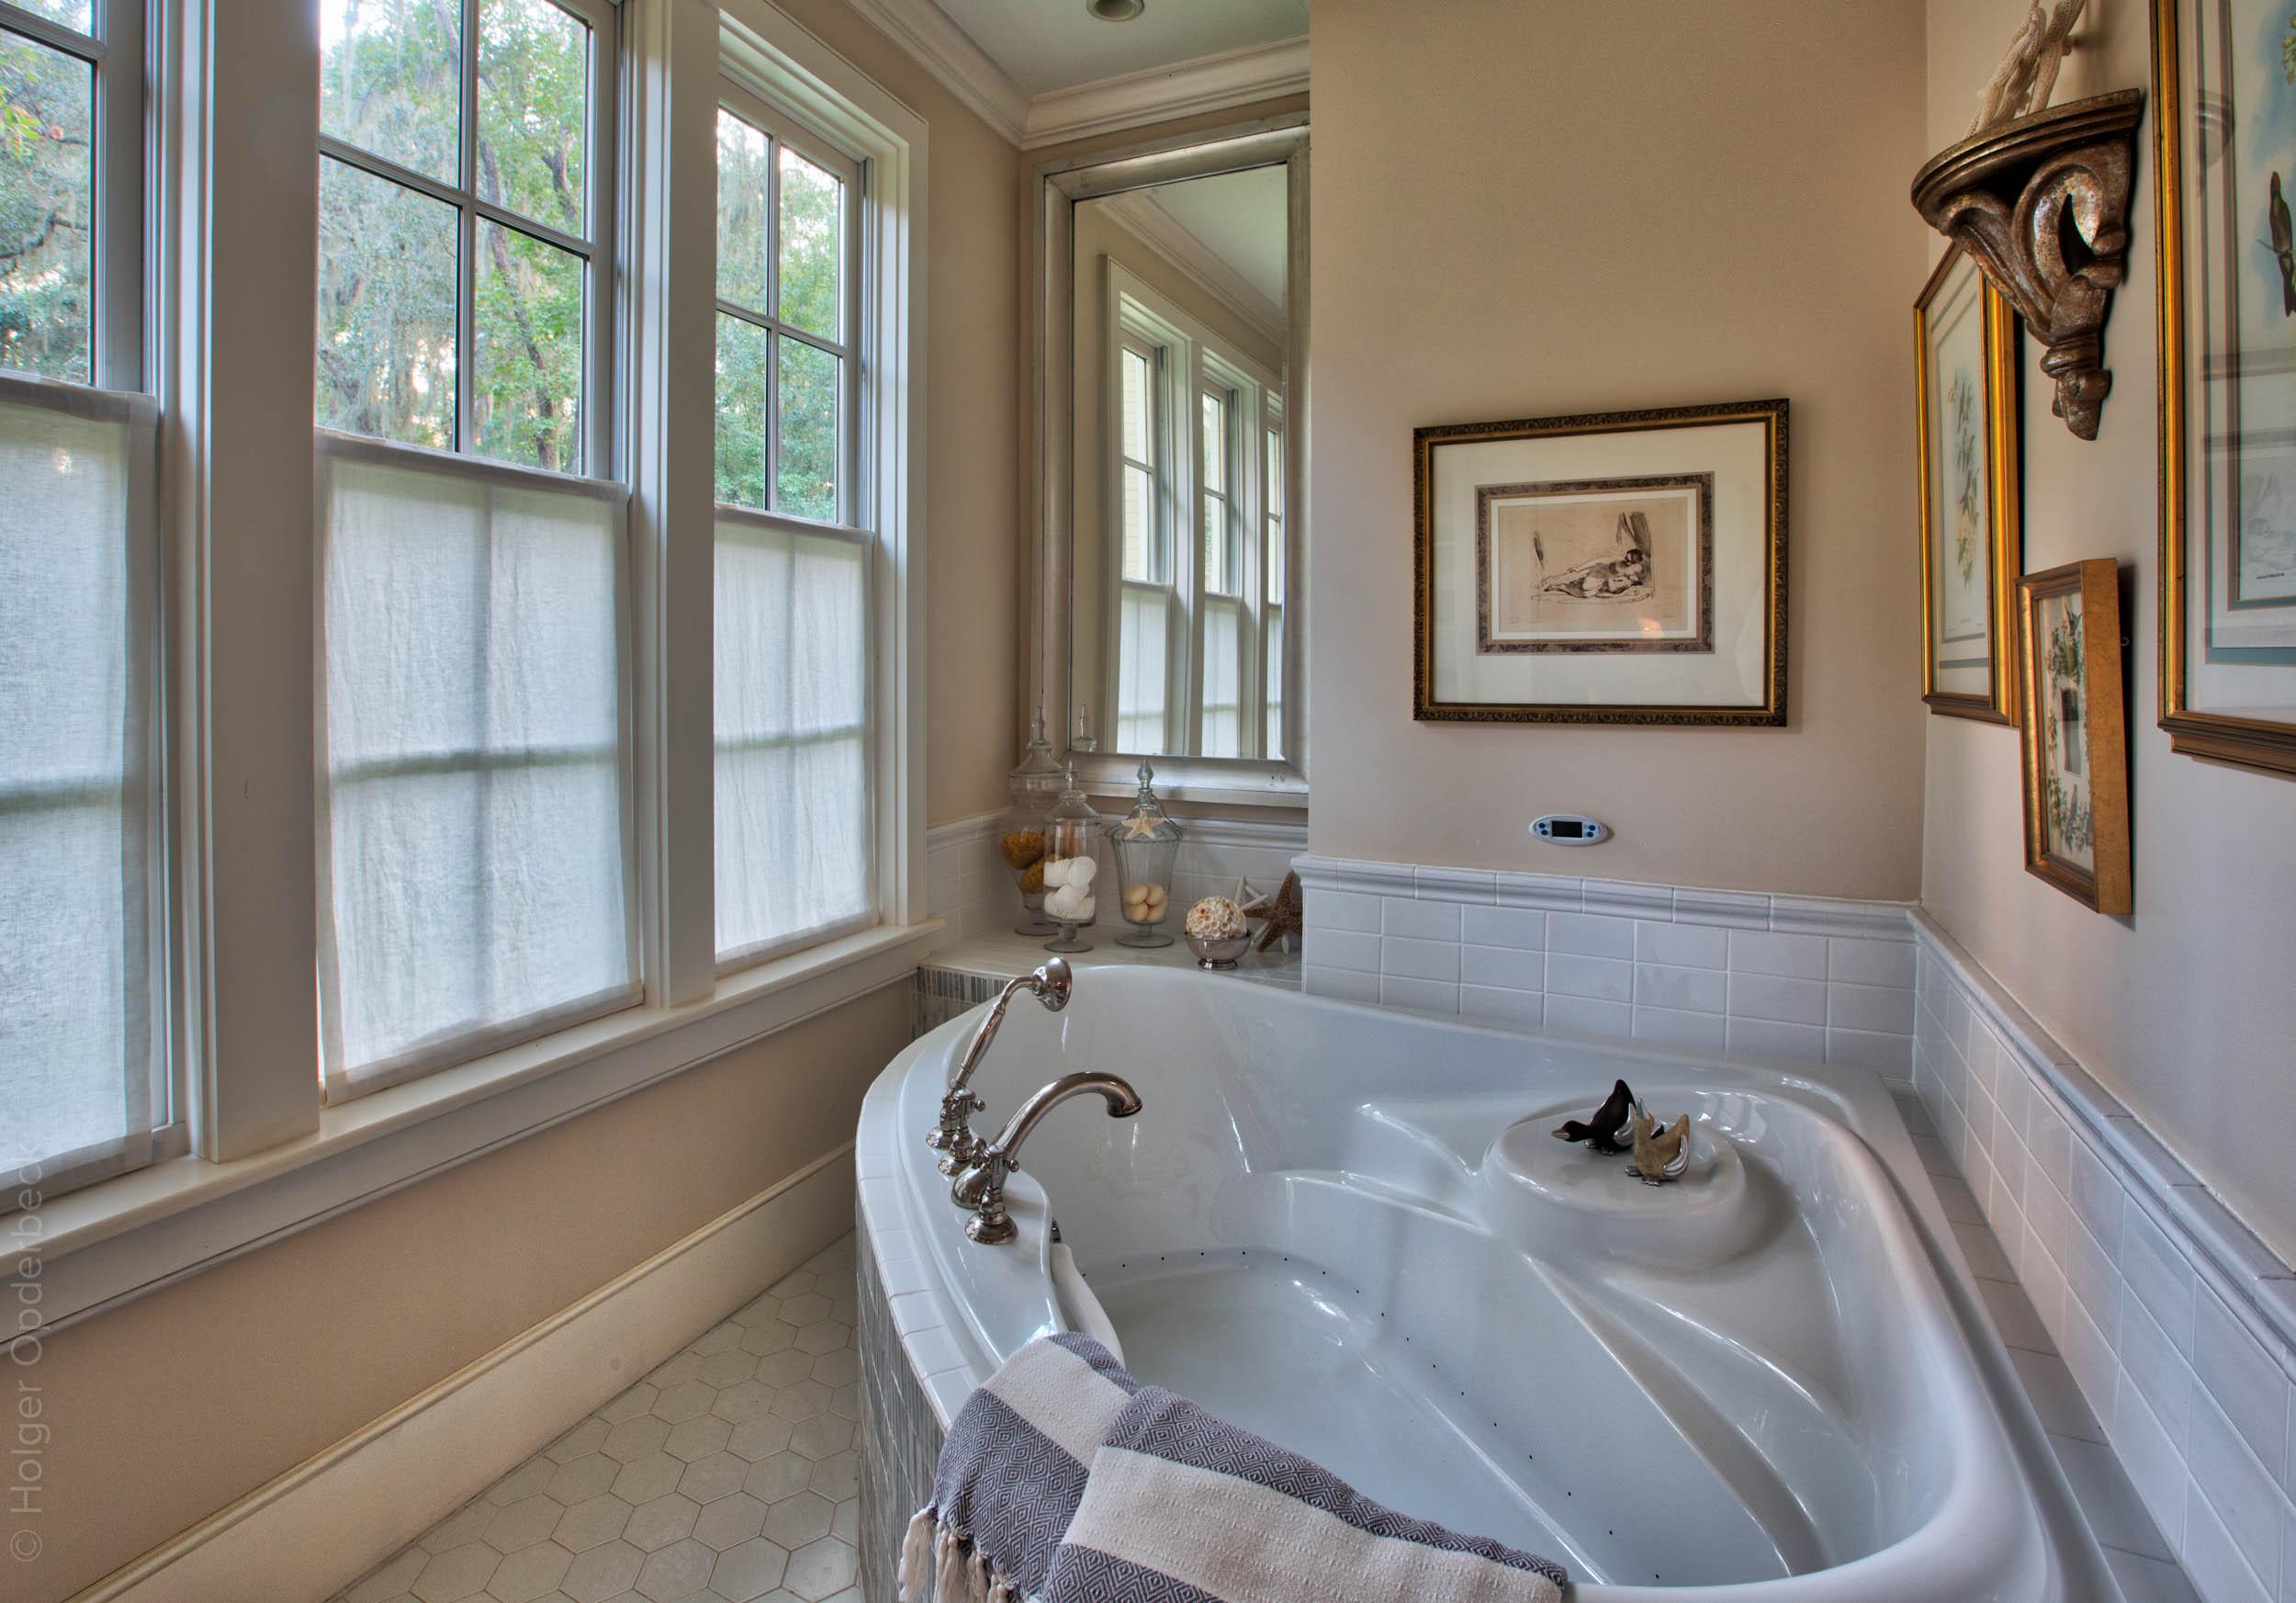 350 master-bath-tub.jpg